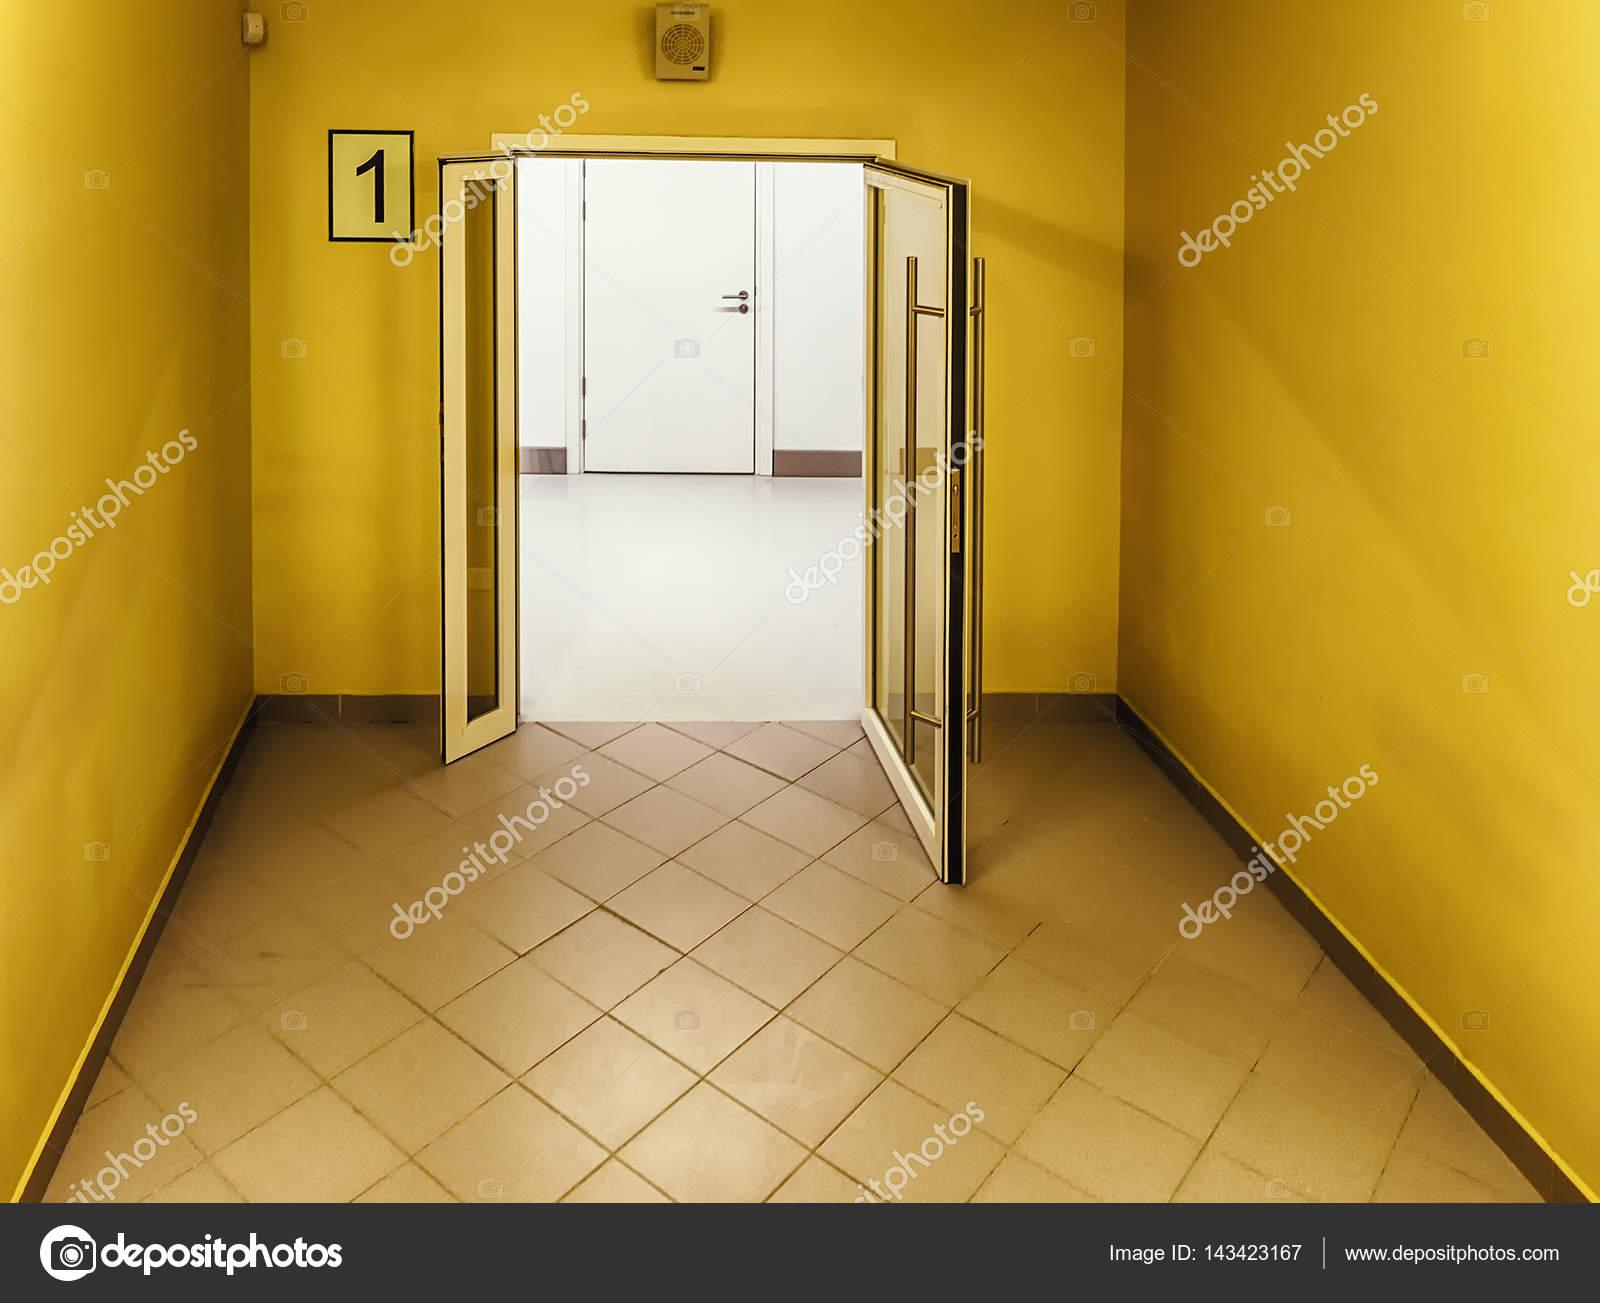 Heldere gele kleur trap met de deur open naar een office corridor